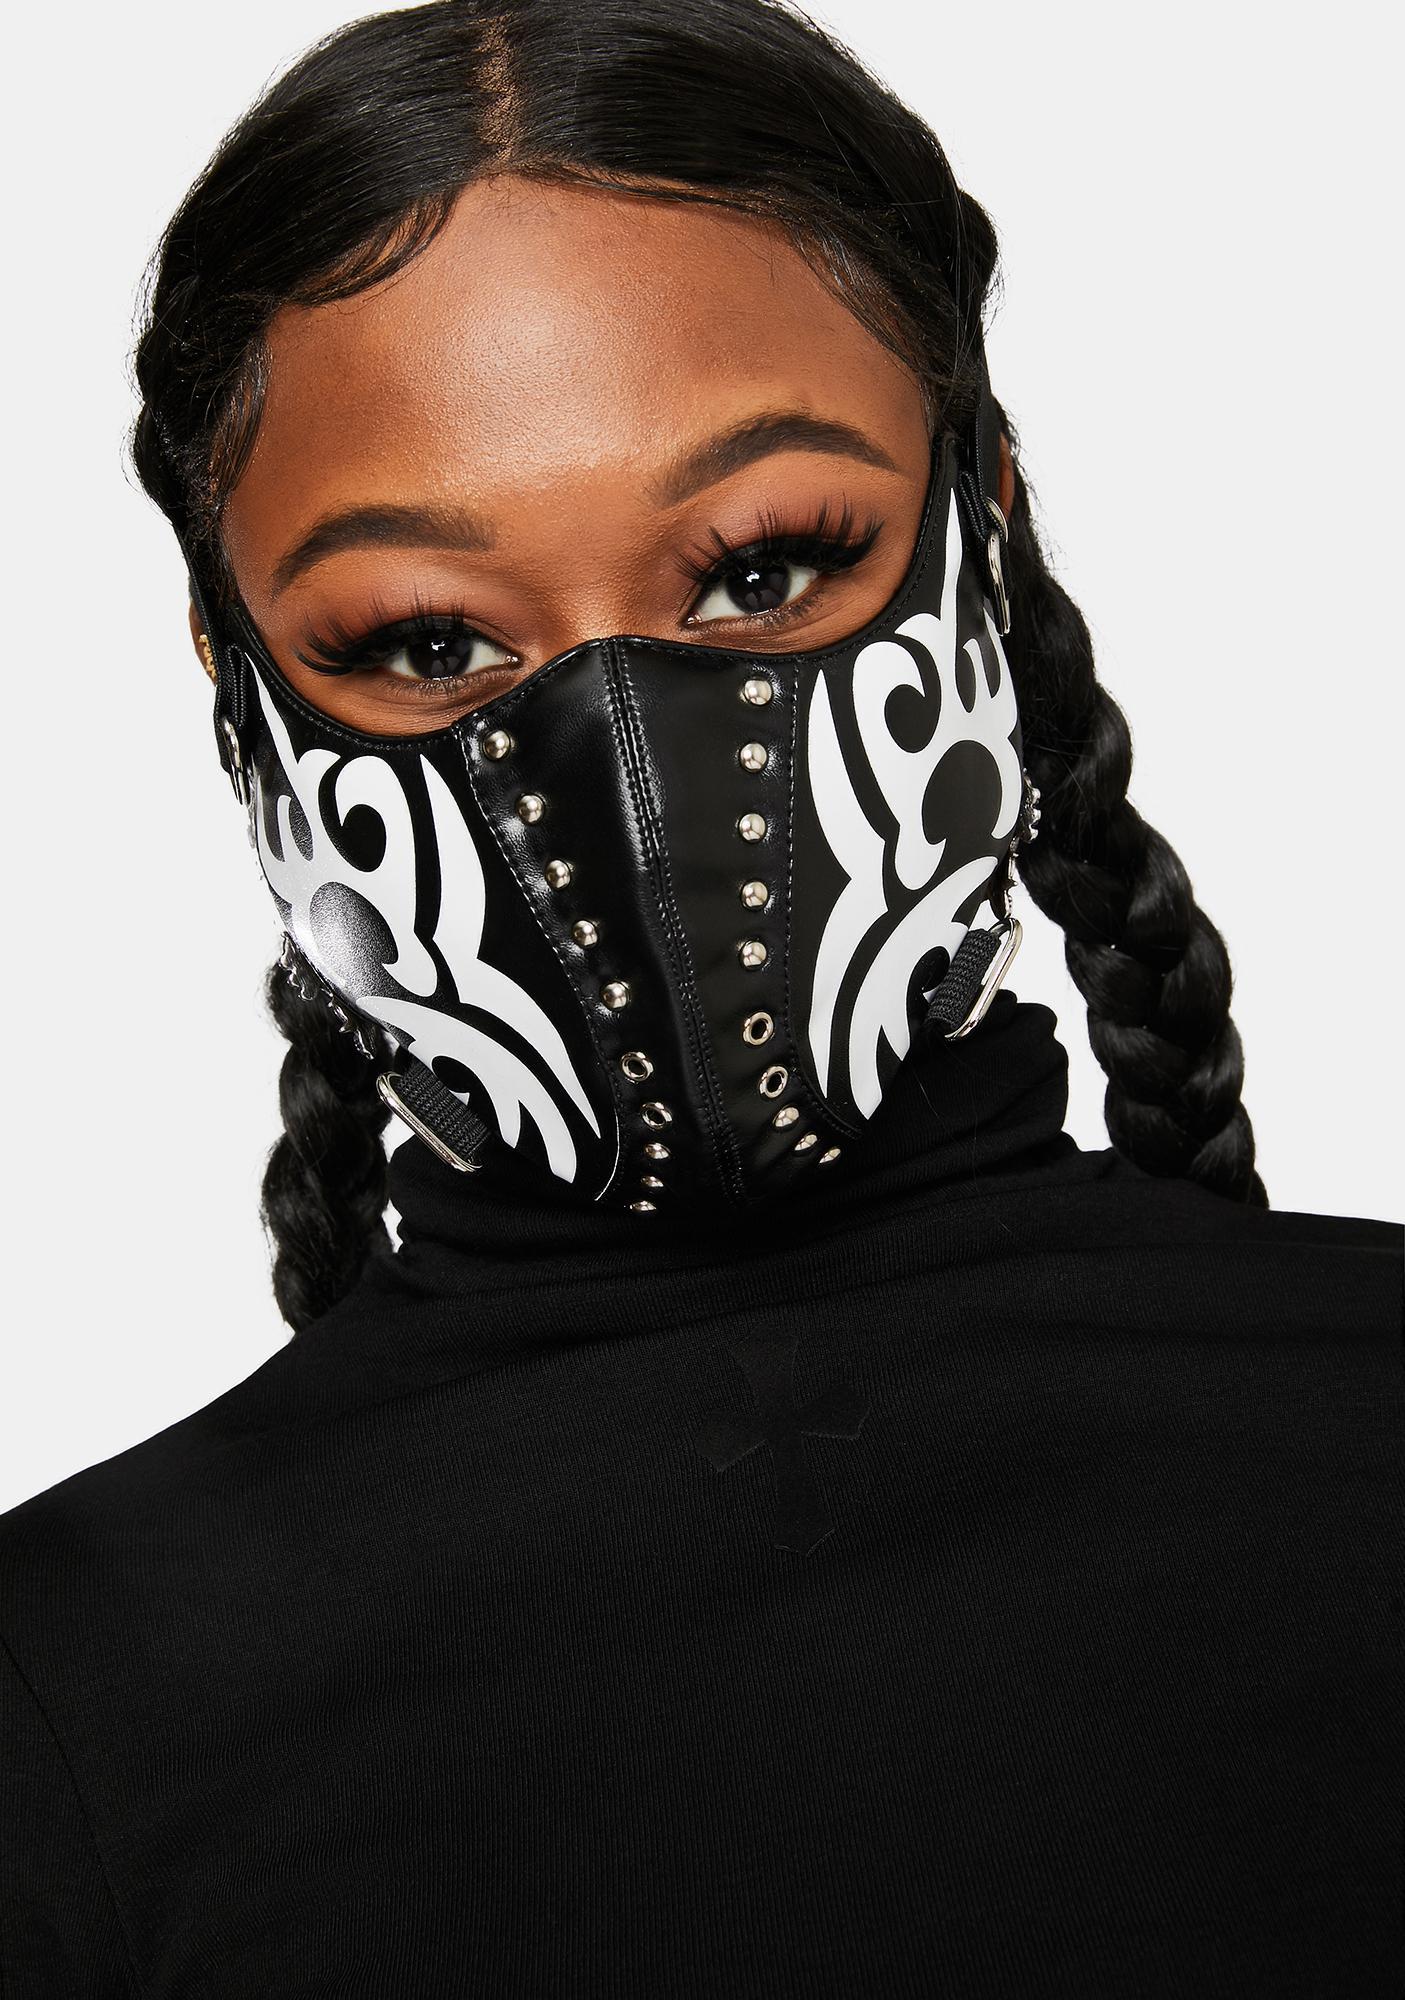 Lamoda Black And White Face Mask